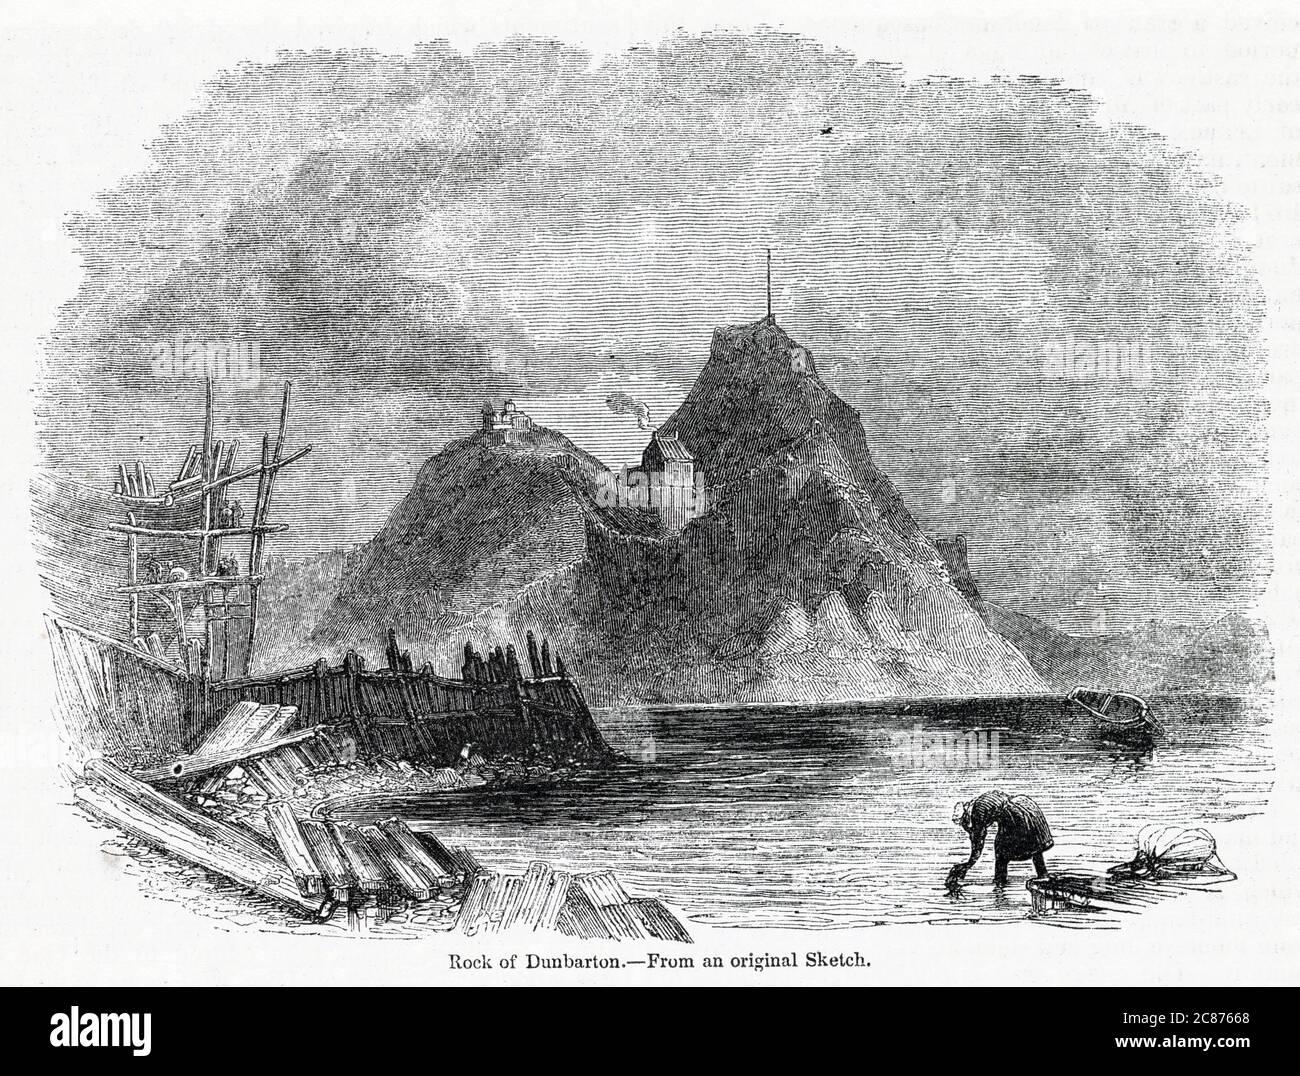 Vue sur le château de Dumbarton et Dumbarton Rock, sur la rivière Clyde, en Écosse. Date: 1841 Banque D'Images